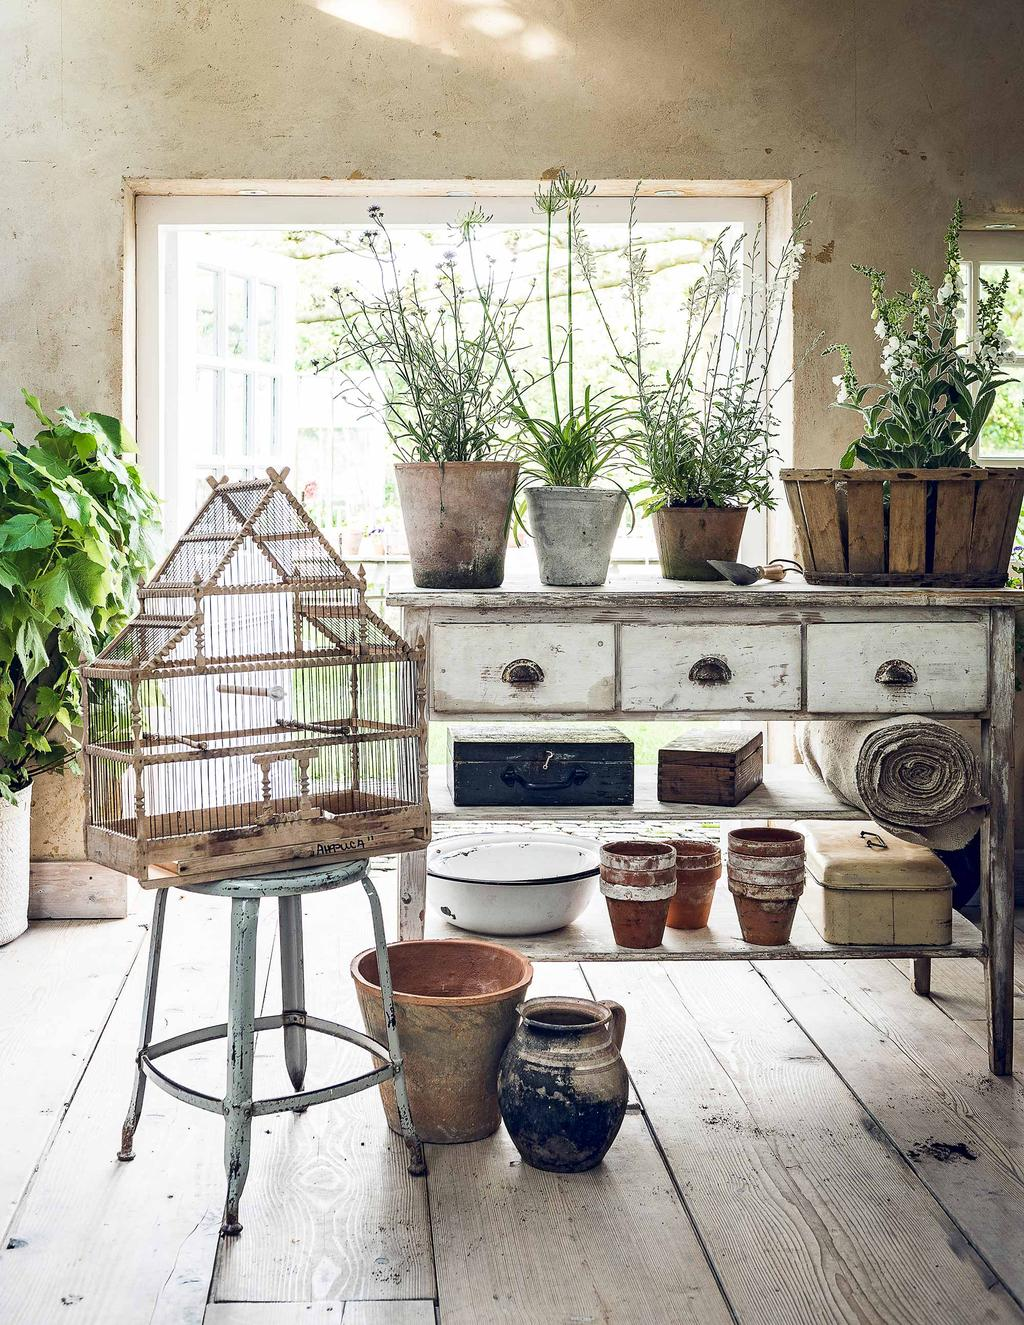 vieux buffet avec plantes et cage